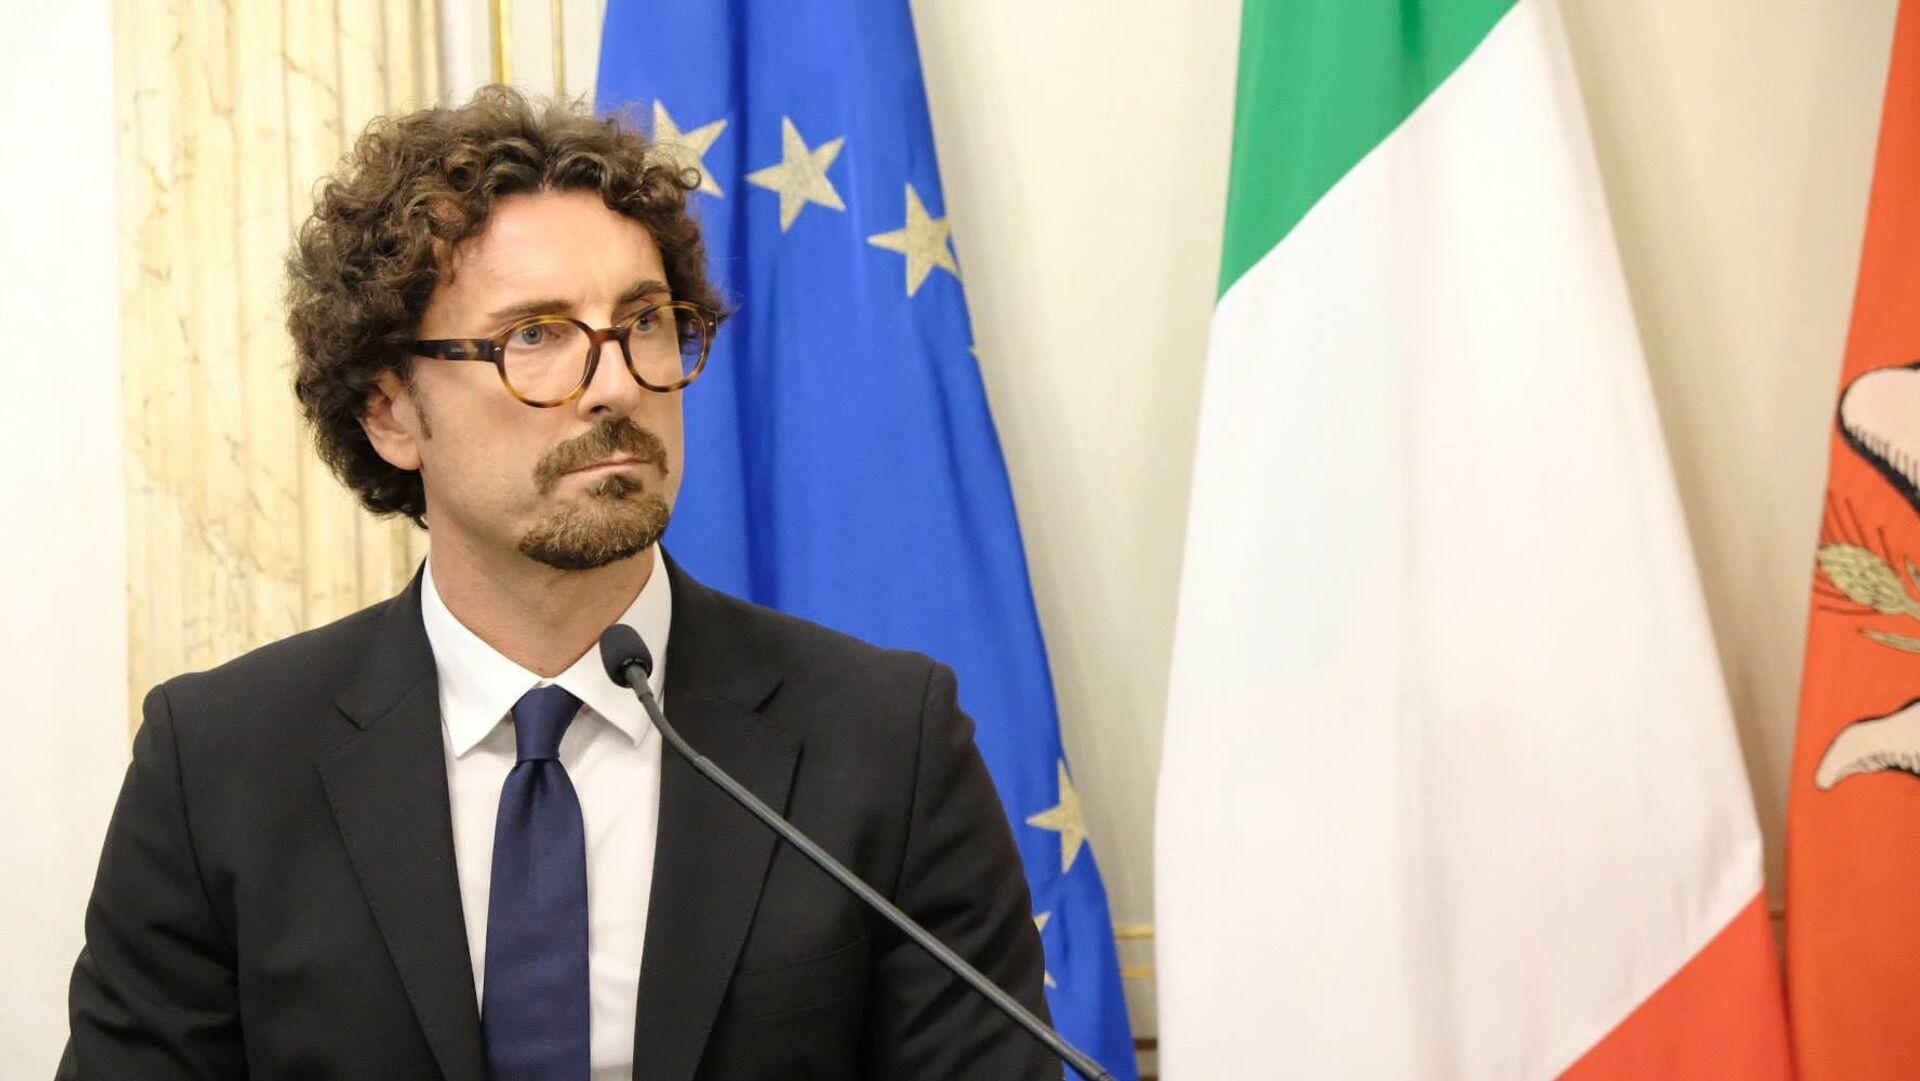 Danilo Toninelli, ministro delle infrastrutture e dei trasporti - Sputnik Italia, 1920, 14.06.2021